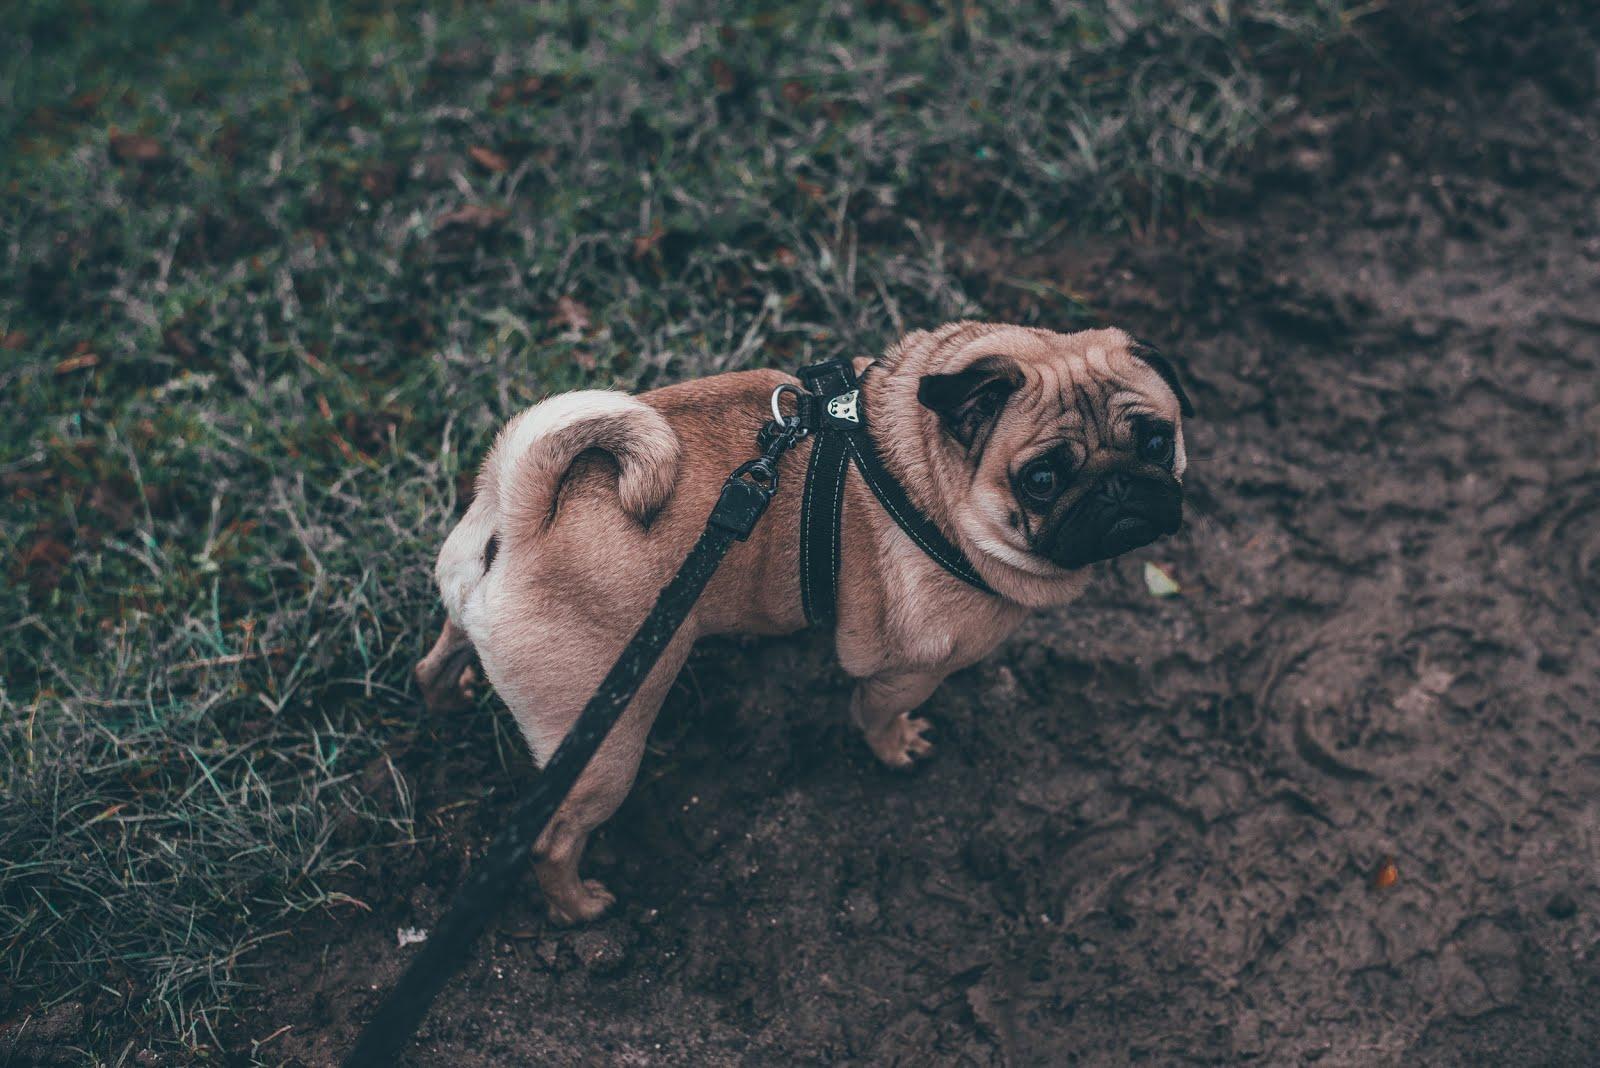 Jak często wychodzić z mopsem na spacer?